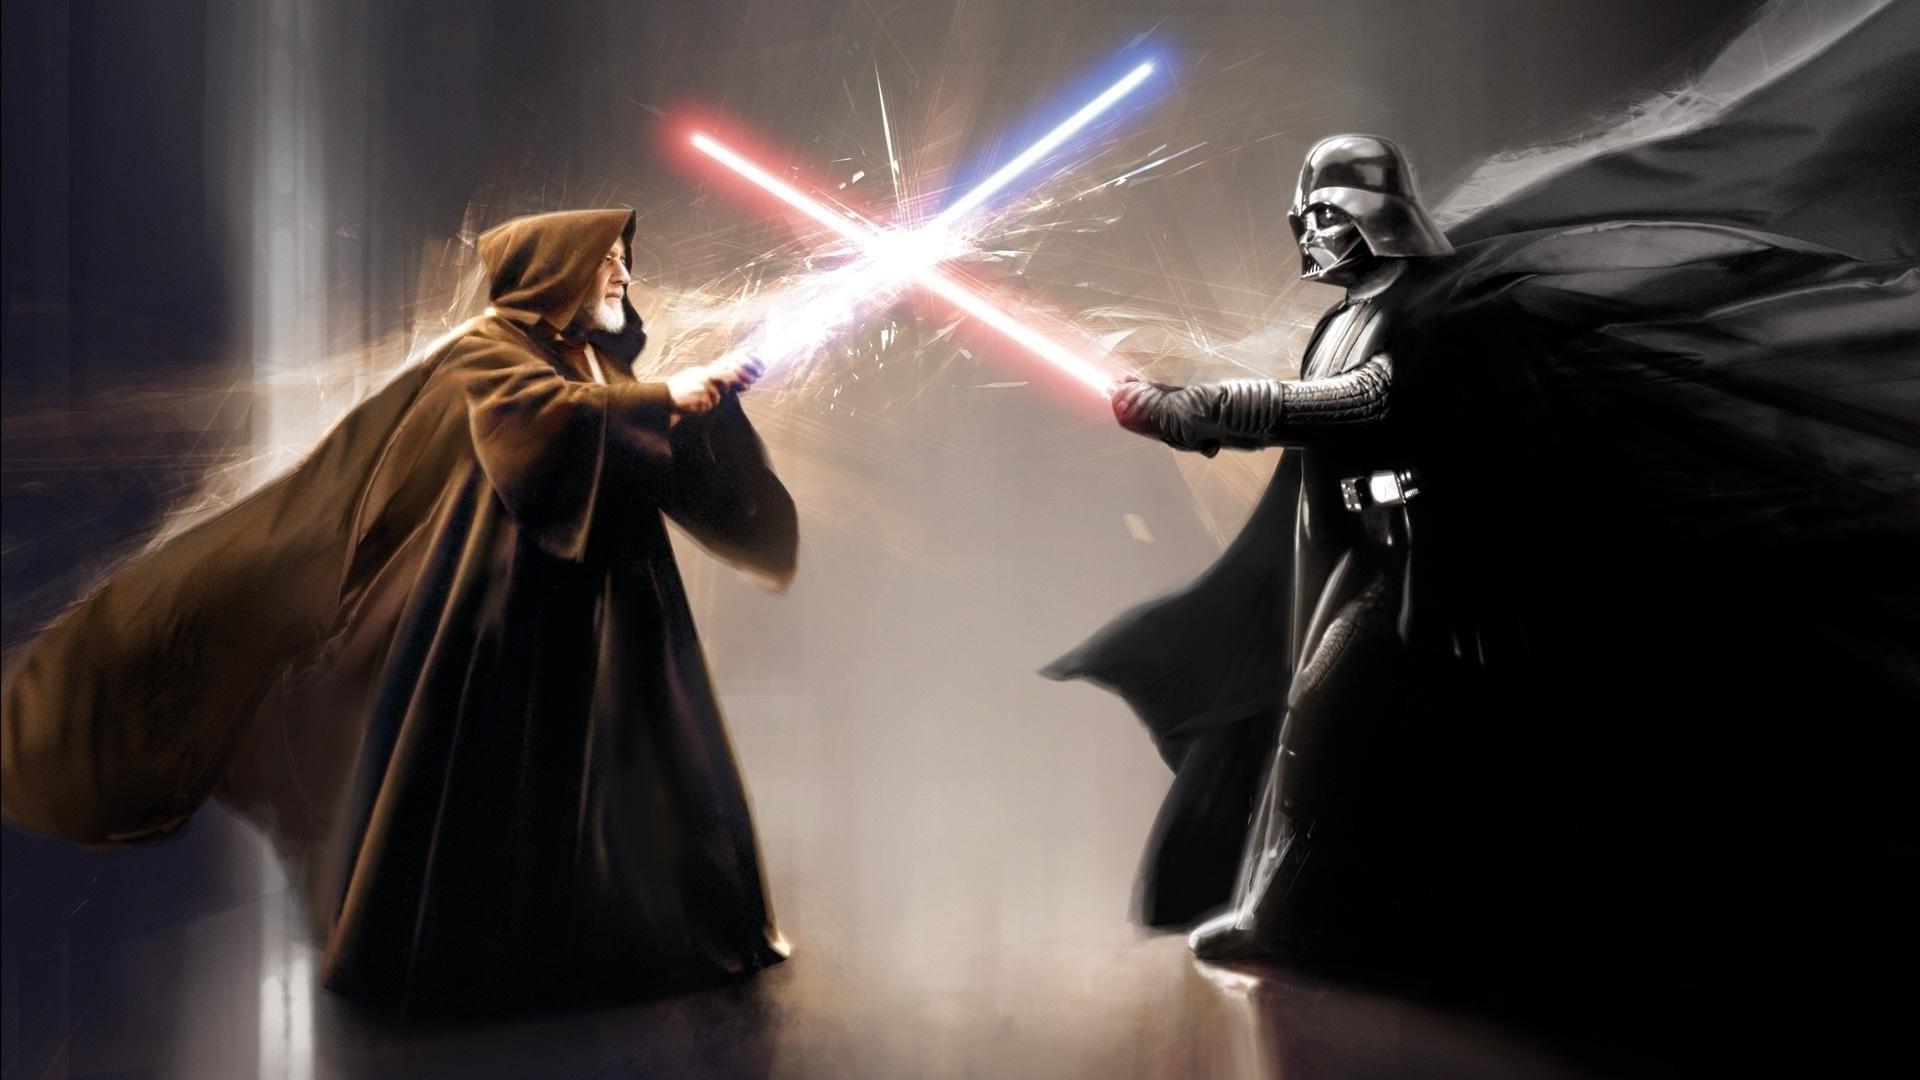 Star Wars, Darth Vader, Obi Wan Kenobi, Lightsaber, Artwork Wallpapers HD /  Desktop and Mobile Backgrounds